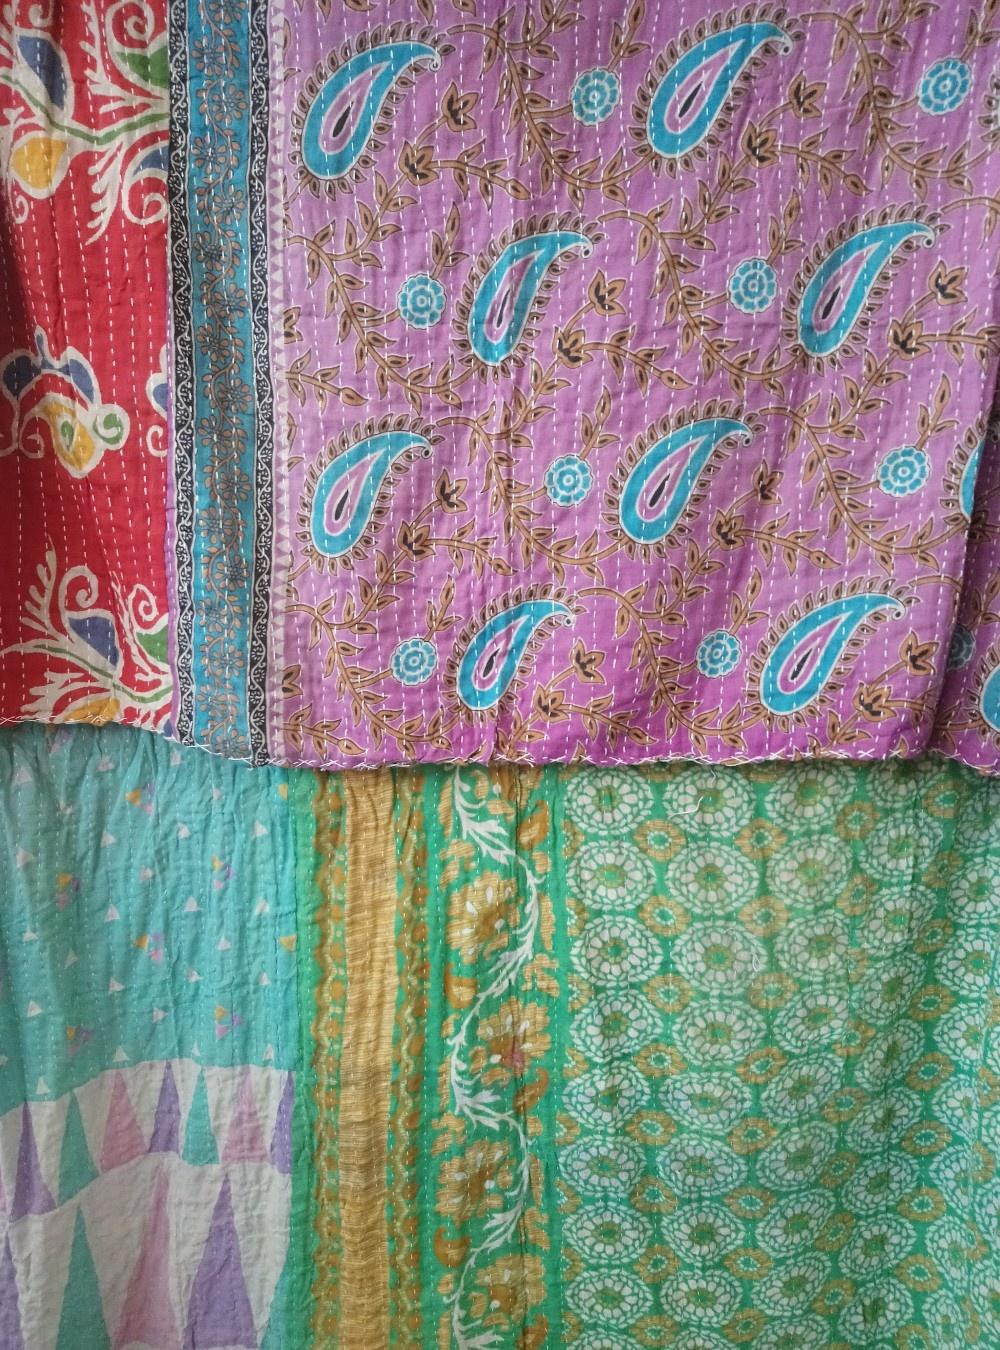 Kantha Sari Throw Blanket #767